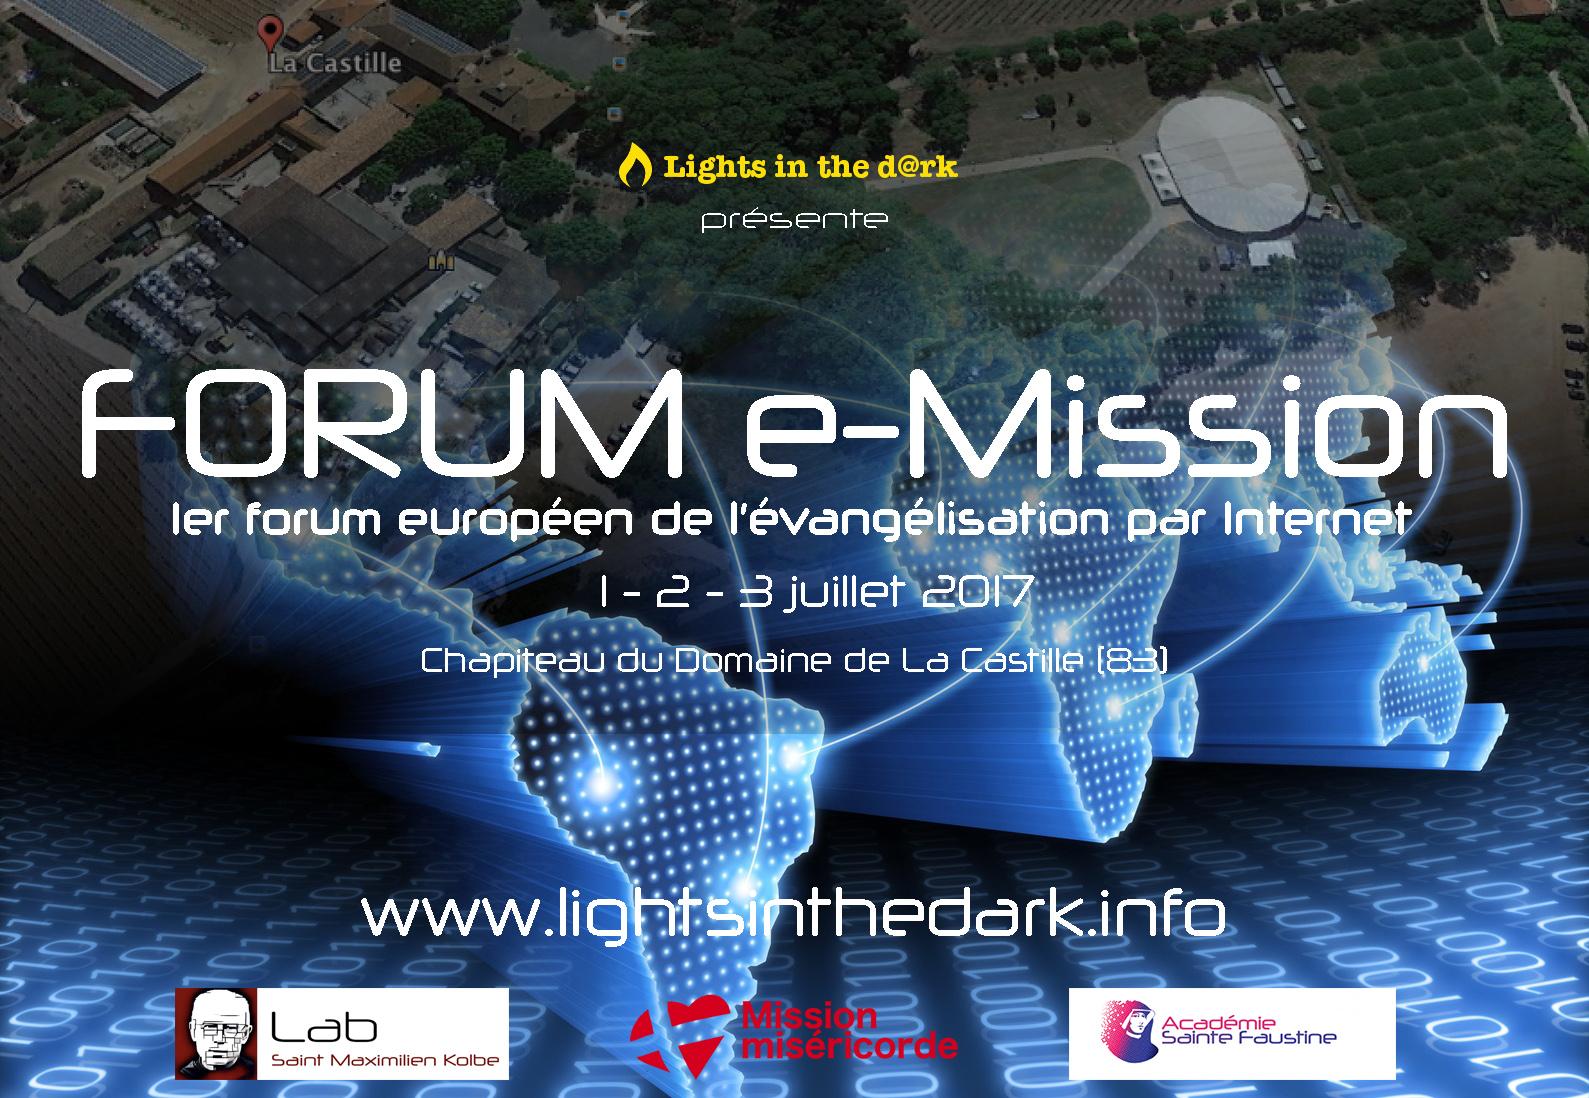 Après son grand succès, le forum e-mission a besoin de vous!